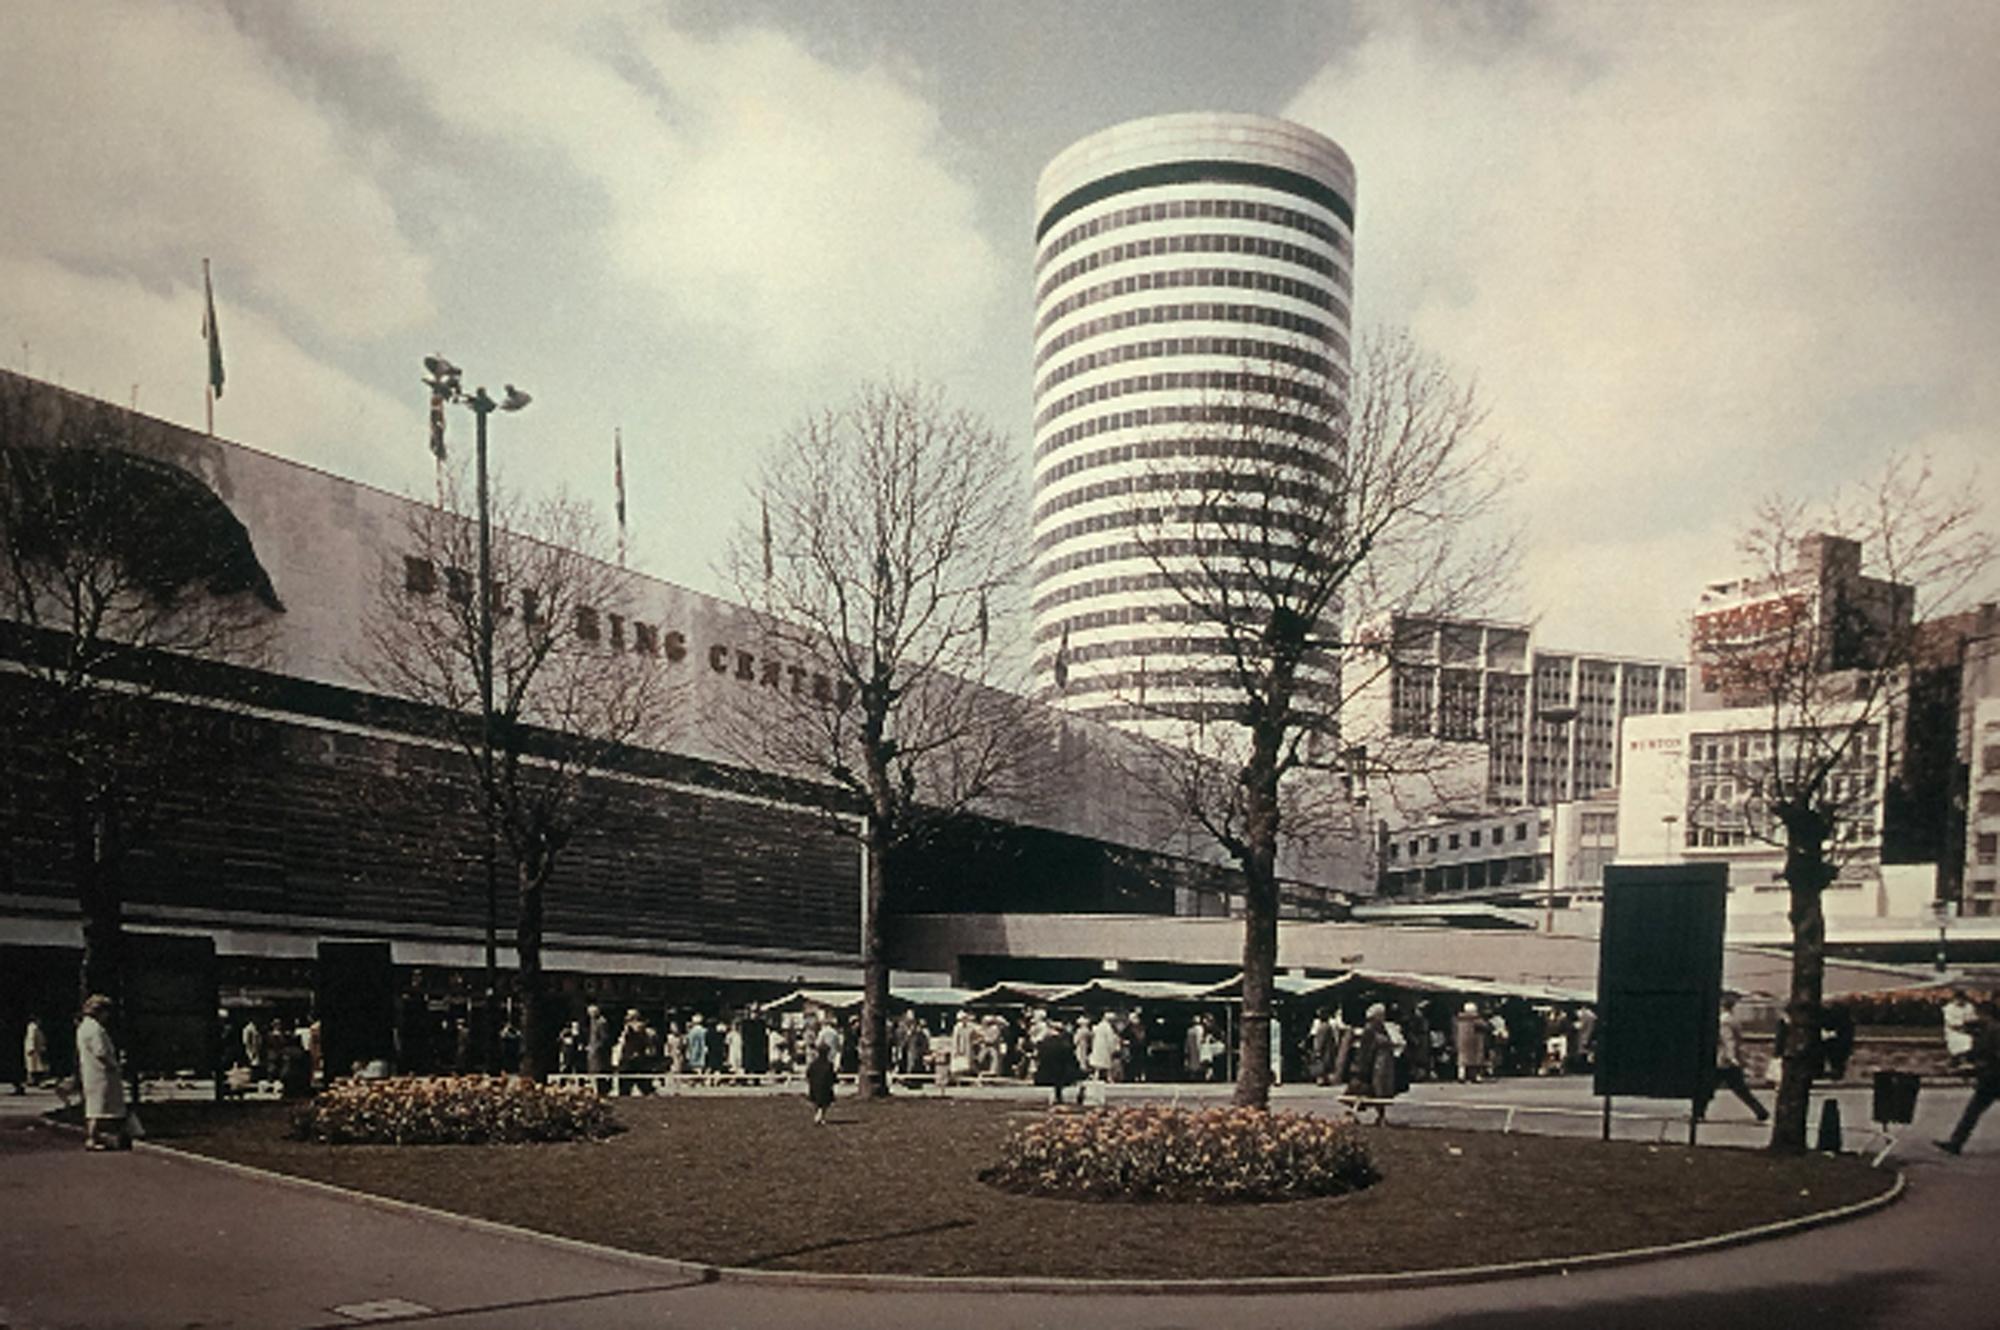 View of the Rotunda and Bullring